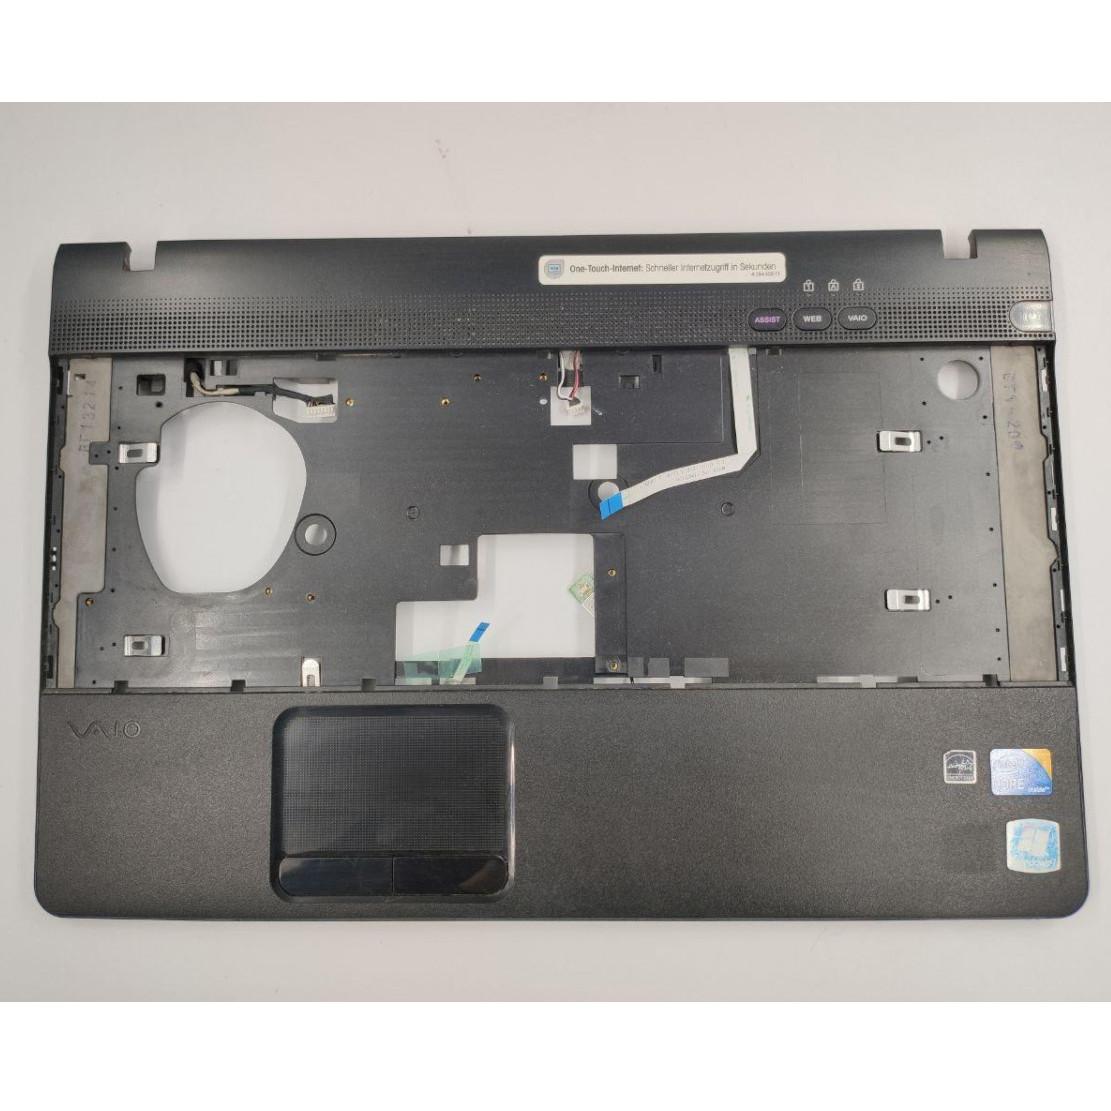 """Середня частина корпуса для ноутбука Sony Vaio VPC-EB series, VPCEB3E4R, PCG-71211V, 15.6"""", 012-521A-3016-B, б/в. В хорошому стані, без пошкодженнь."""